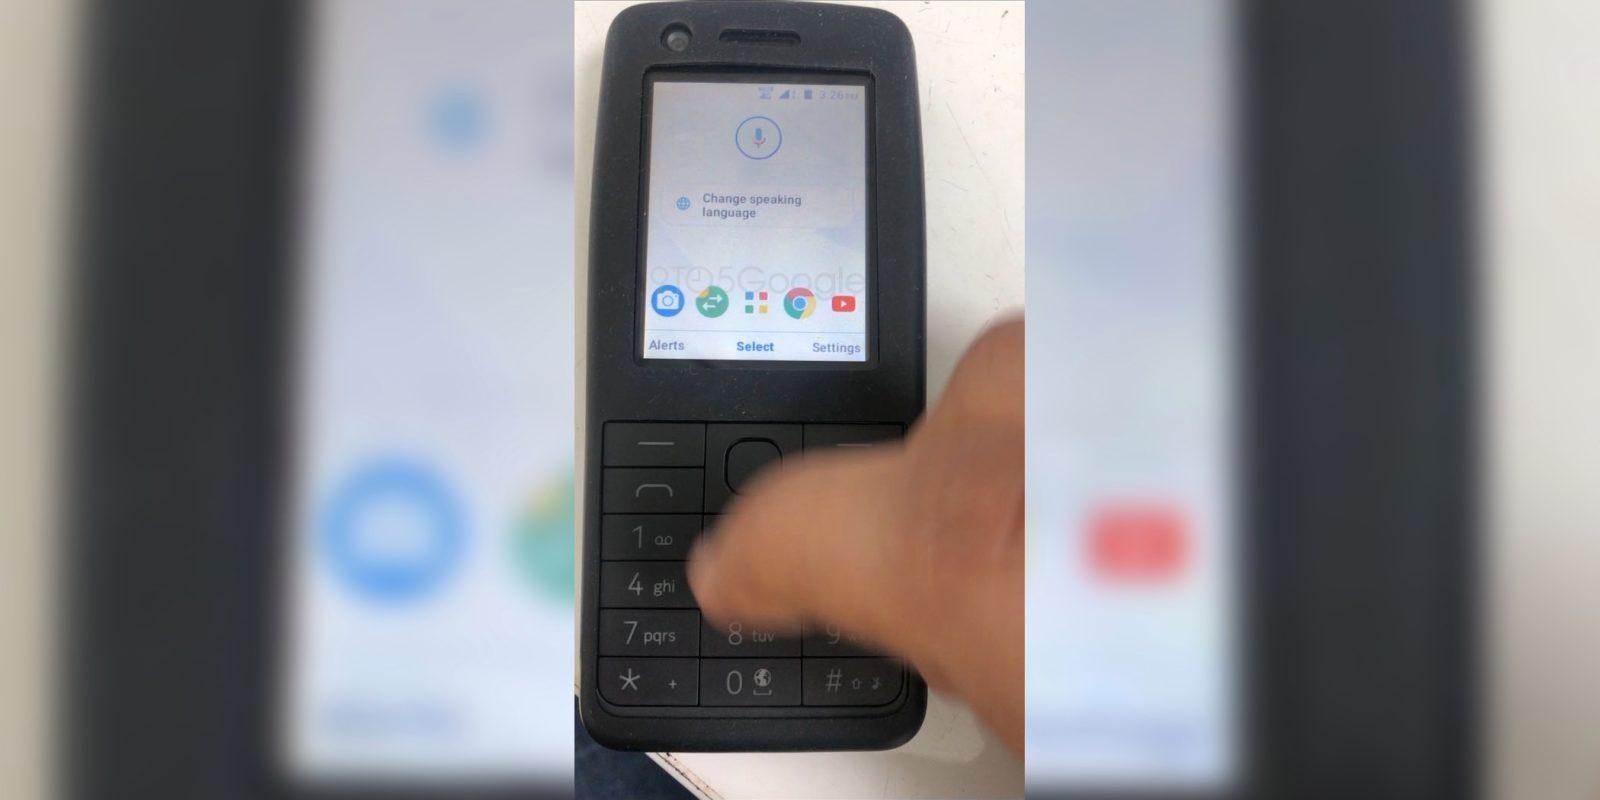 یک موبایل ساده نوکیا با نسخه ویژه اندروید برای فیچرفونها دیده شد